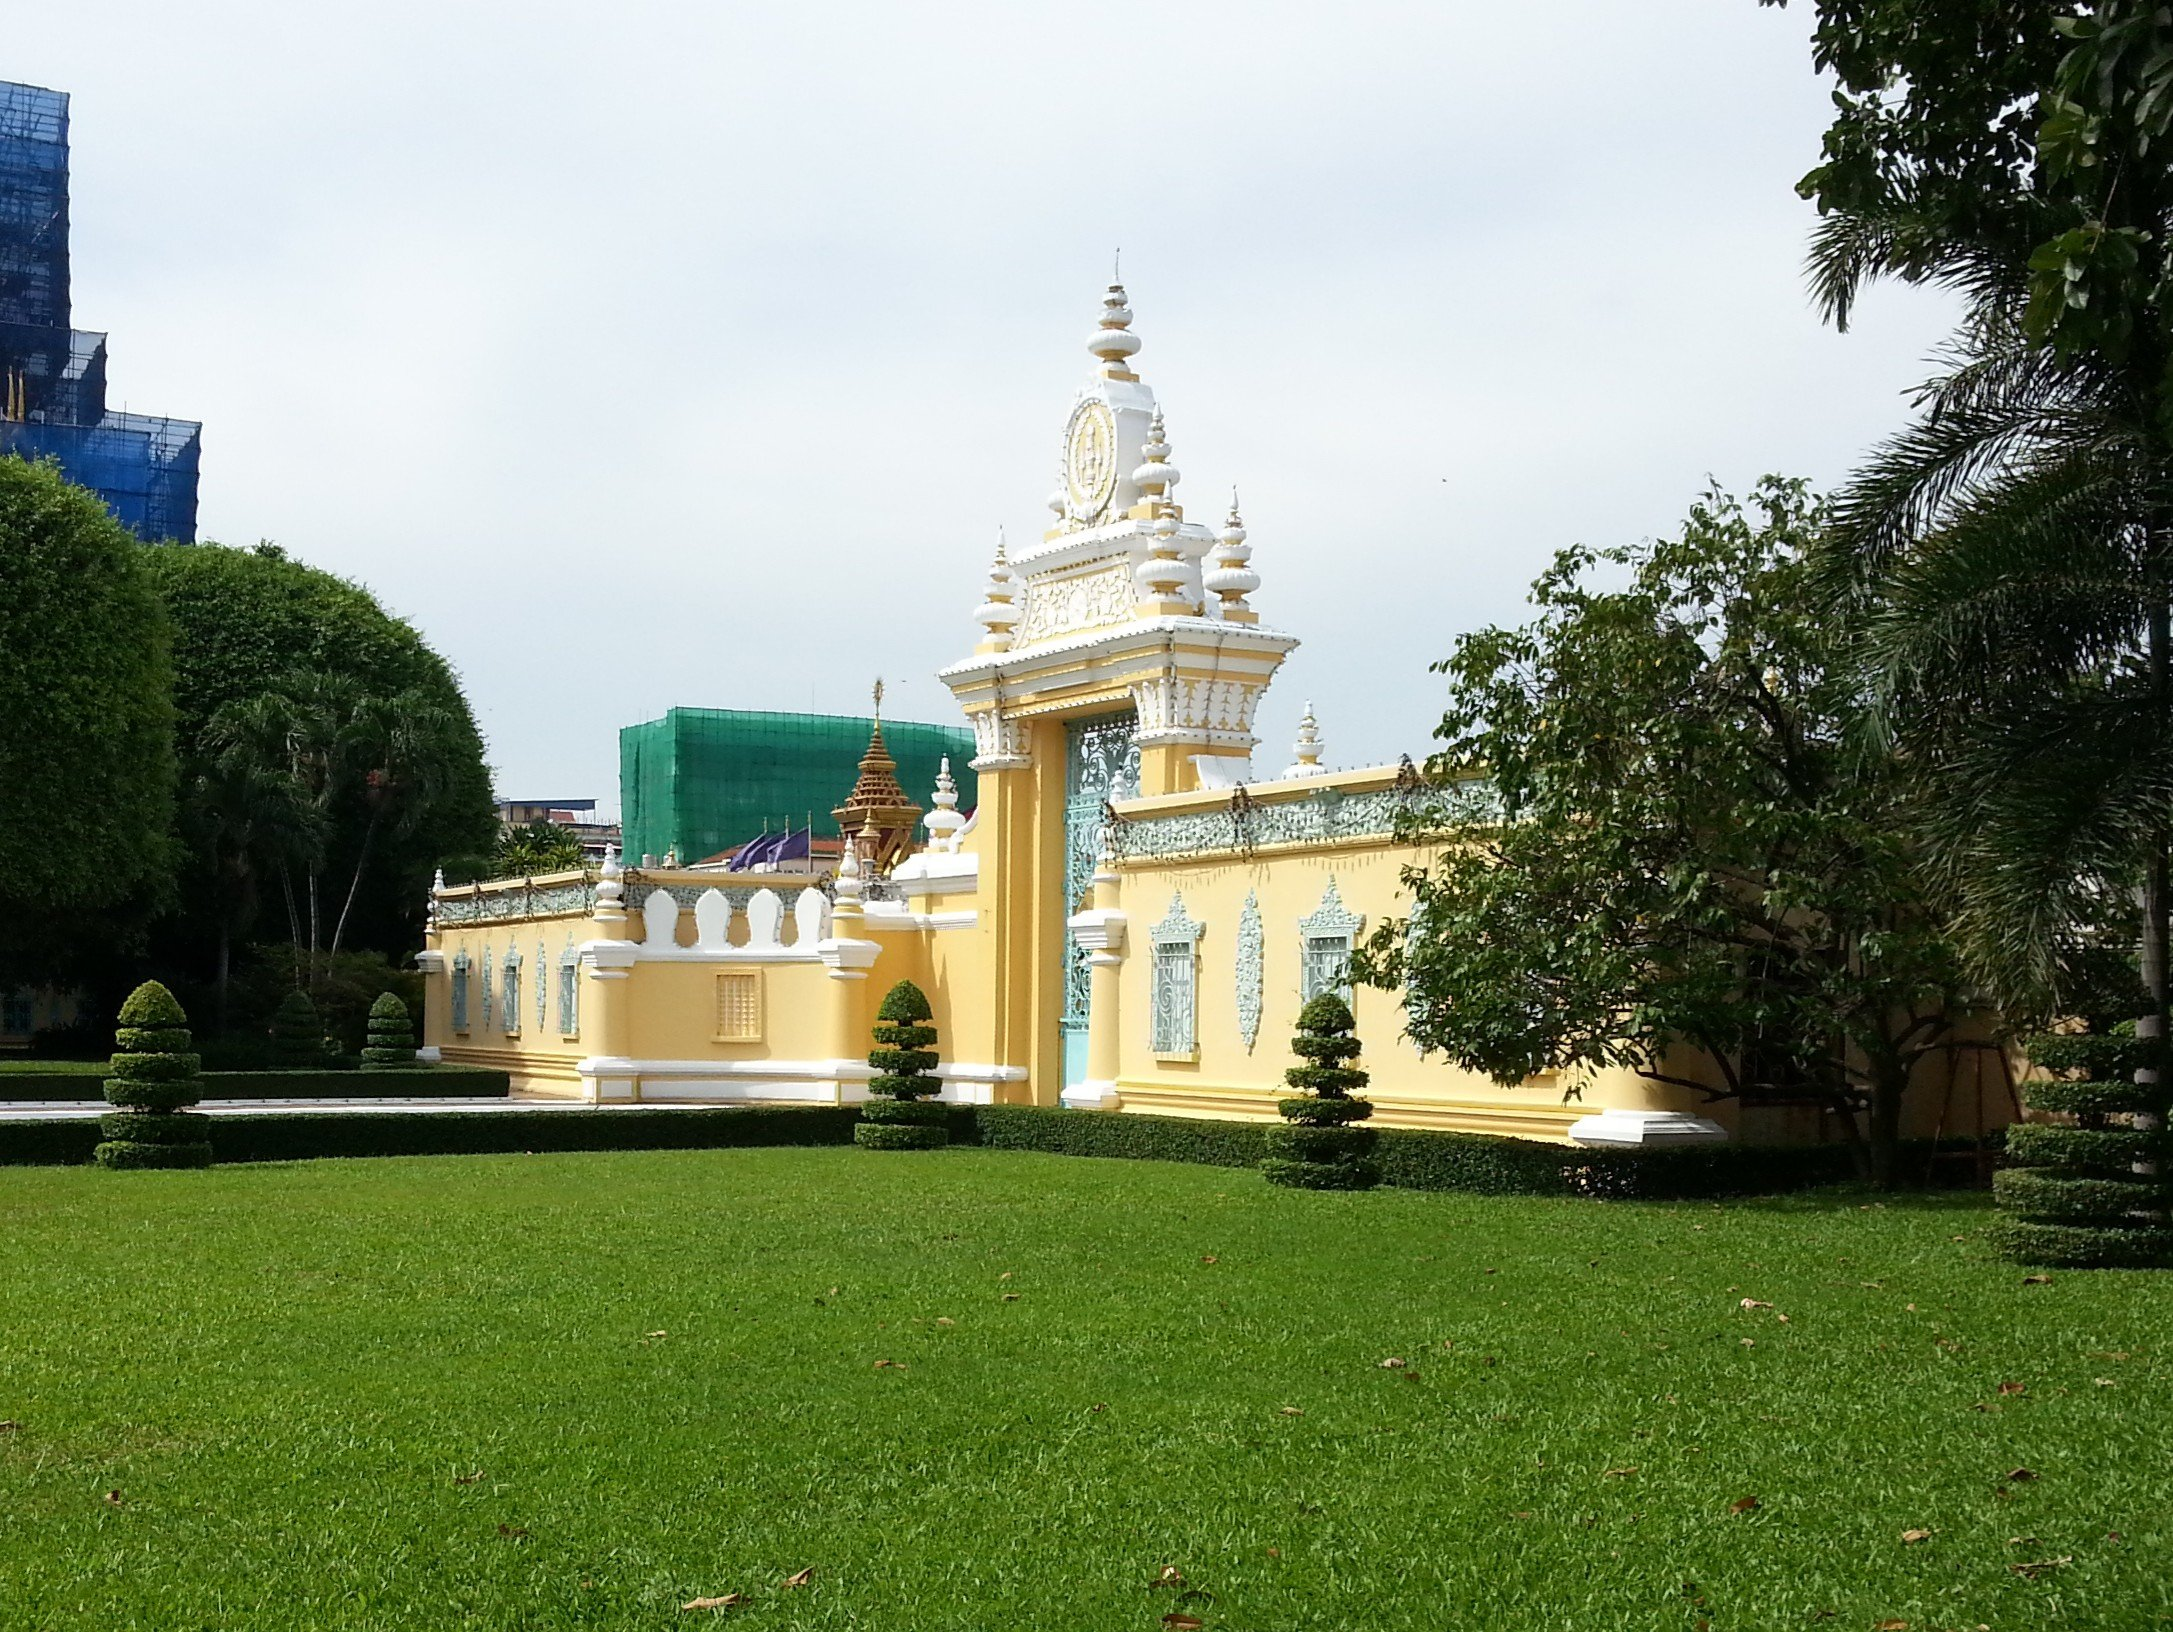 Victory Gate at the Royal Palace